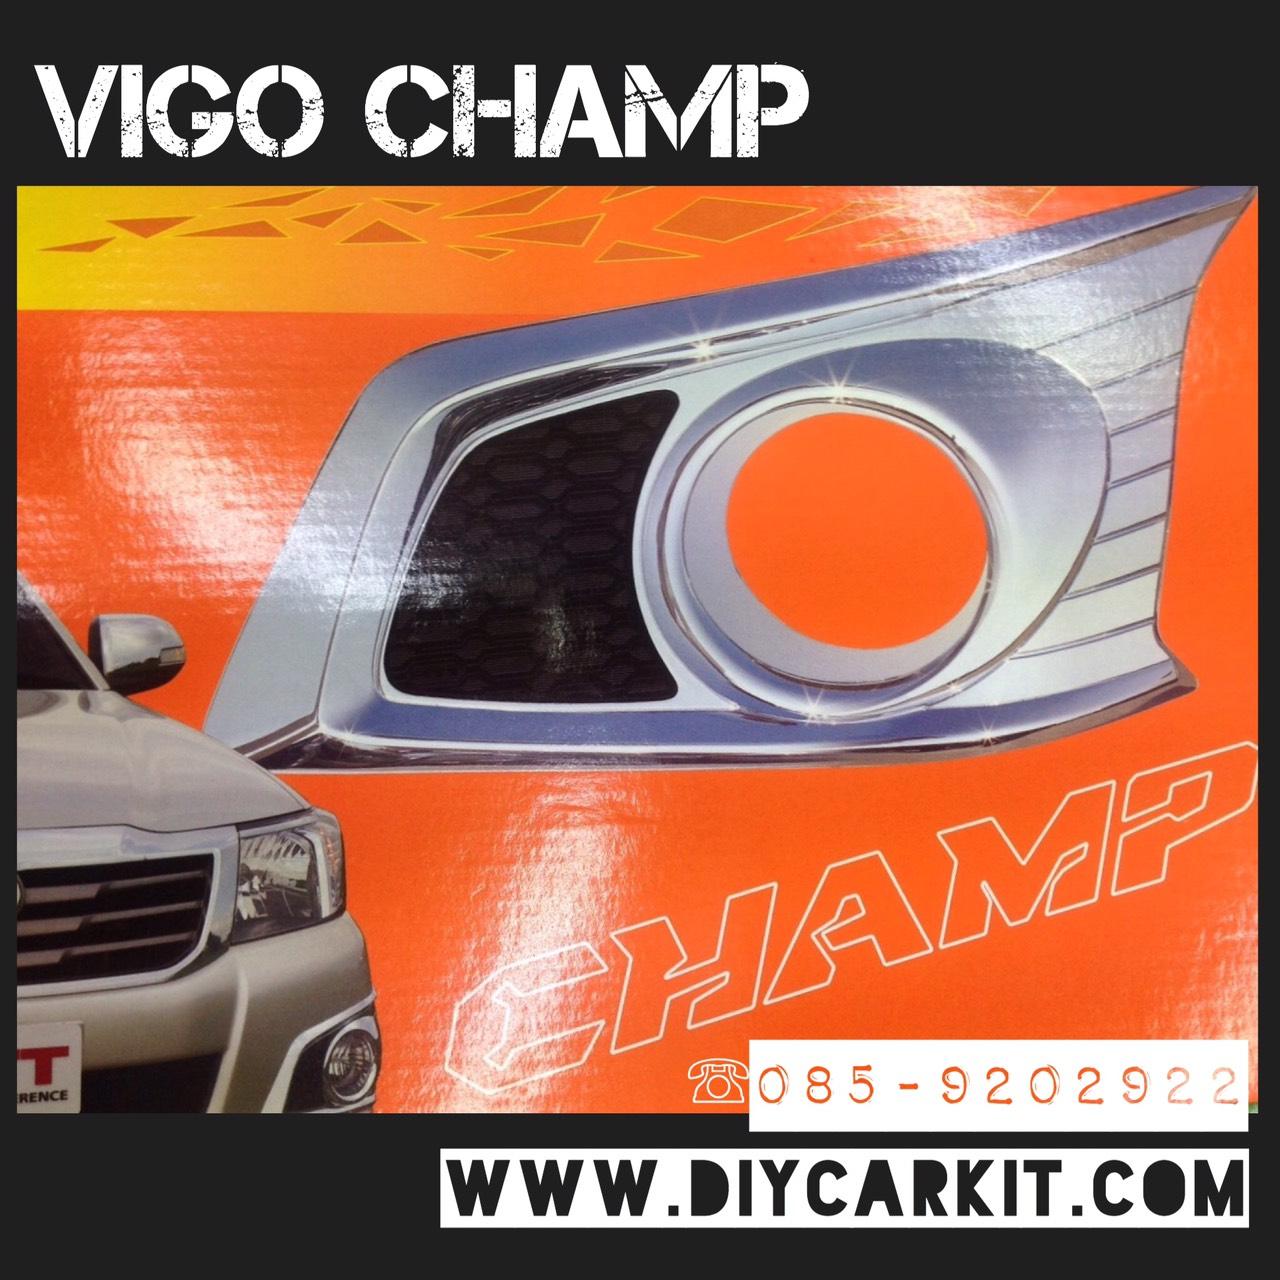 ครอบไฟตัดหมอก Vigo Champ งาน FITT